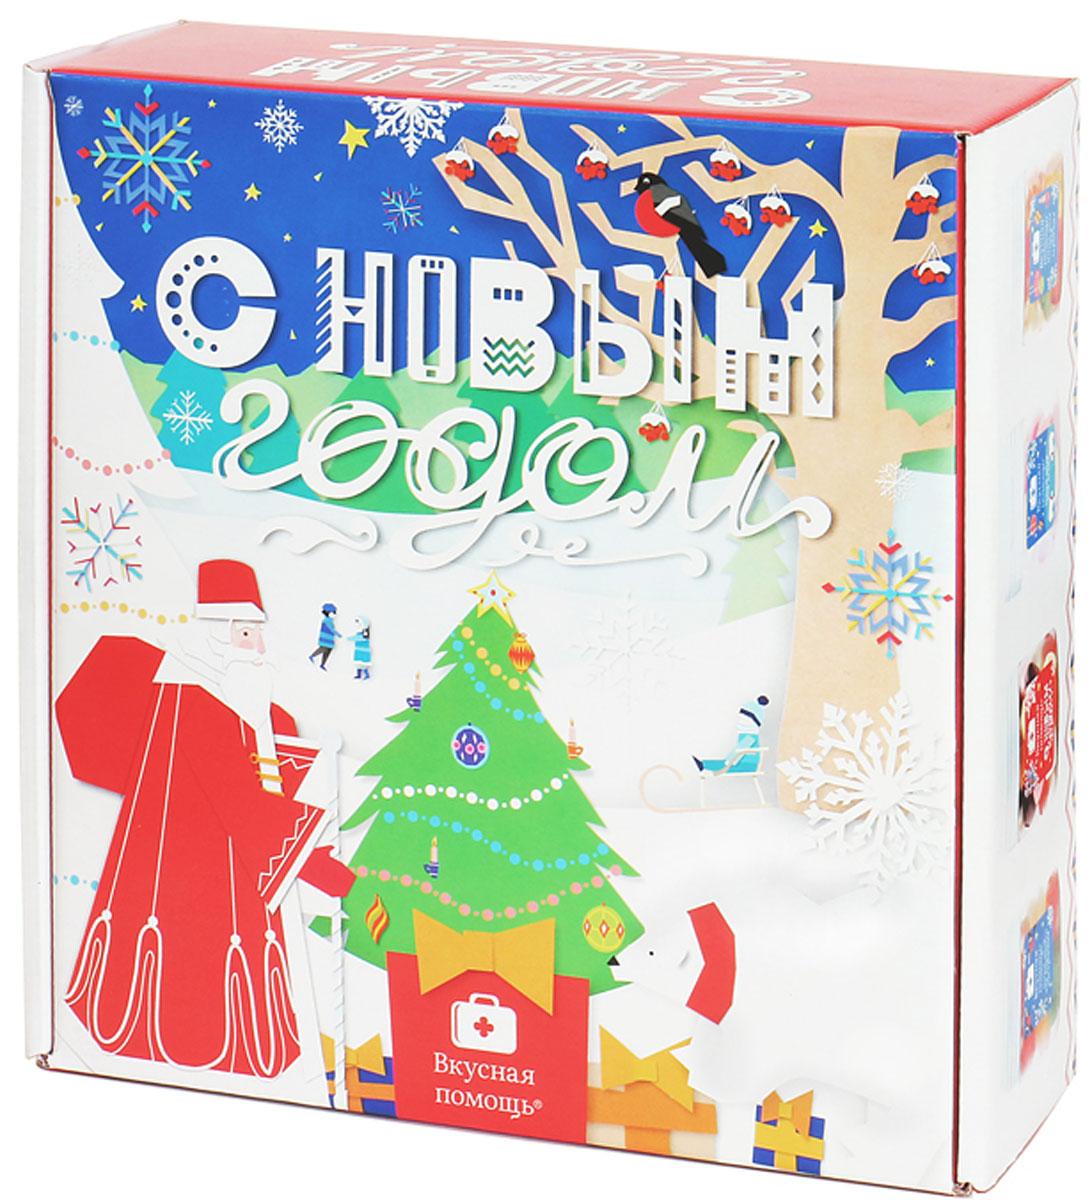 Подарочный набор для ребенка на новый год